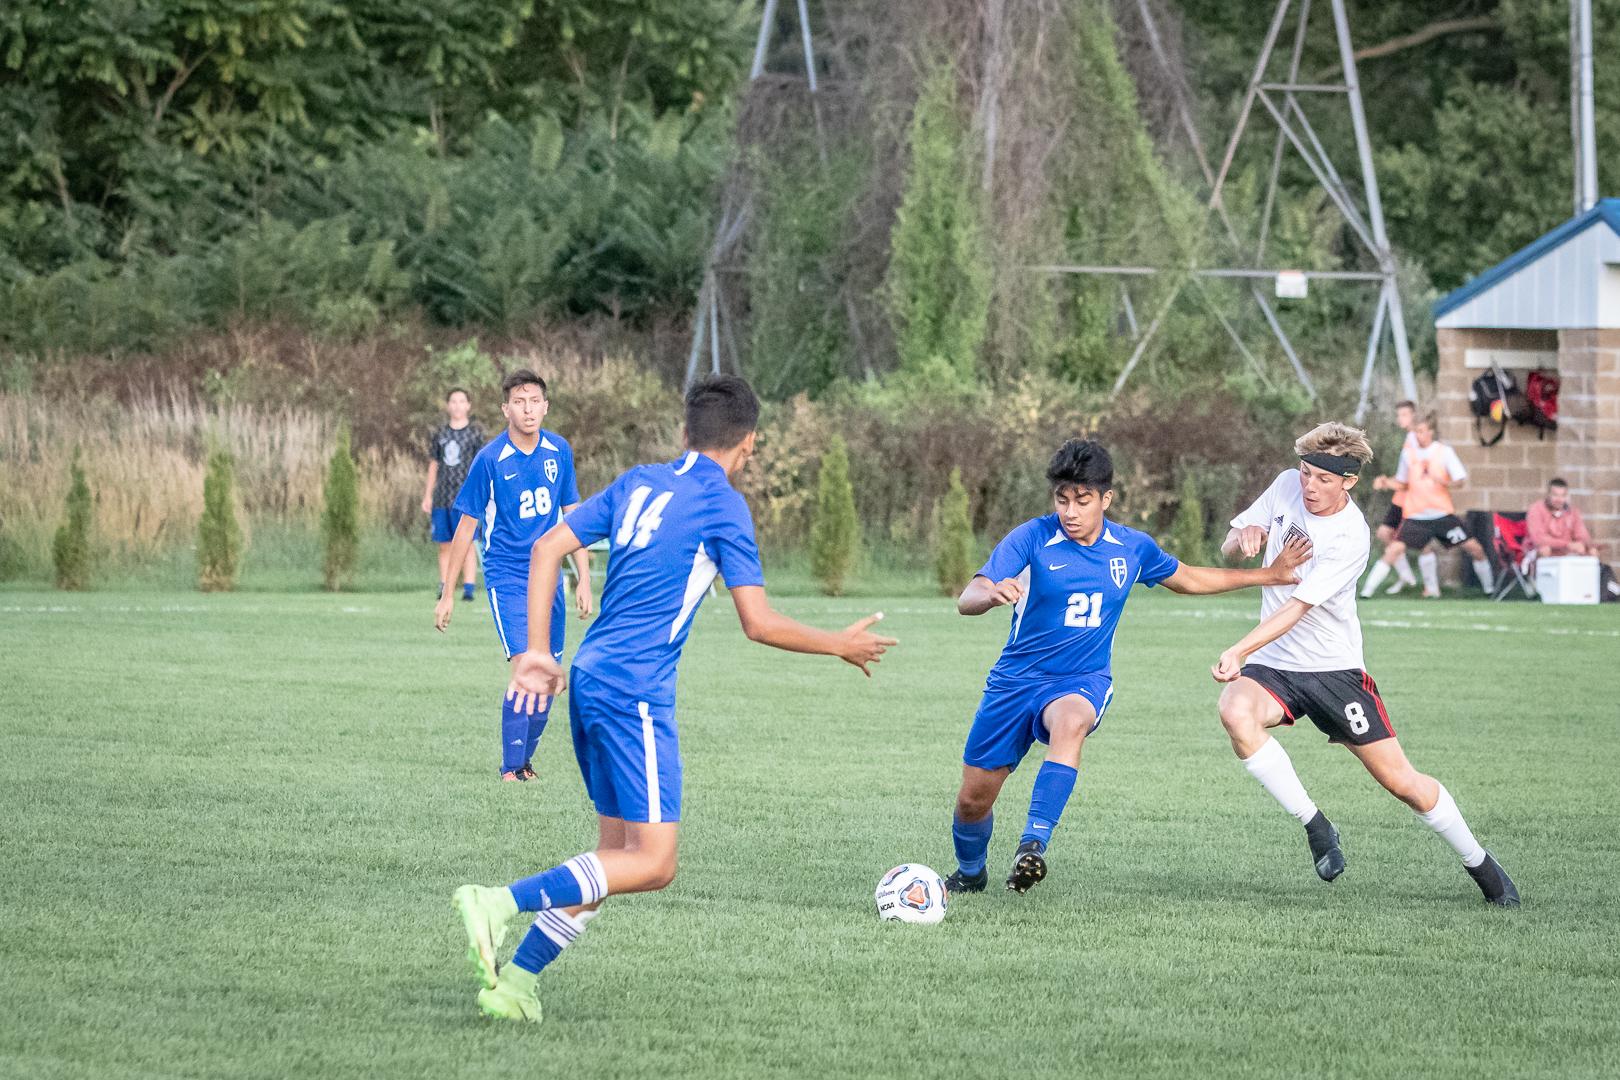 Marian-Varsity-Boys-Soccer-9630.jpg